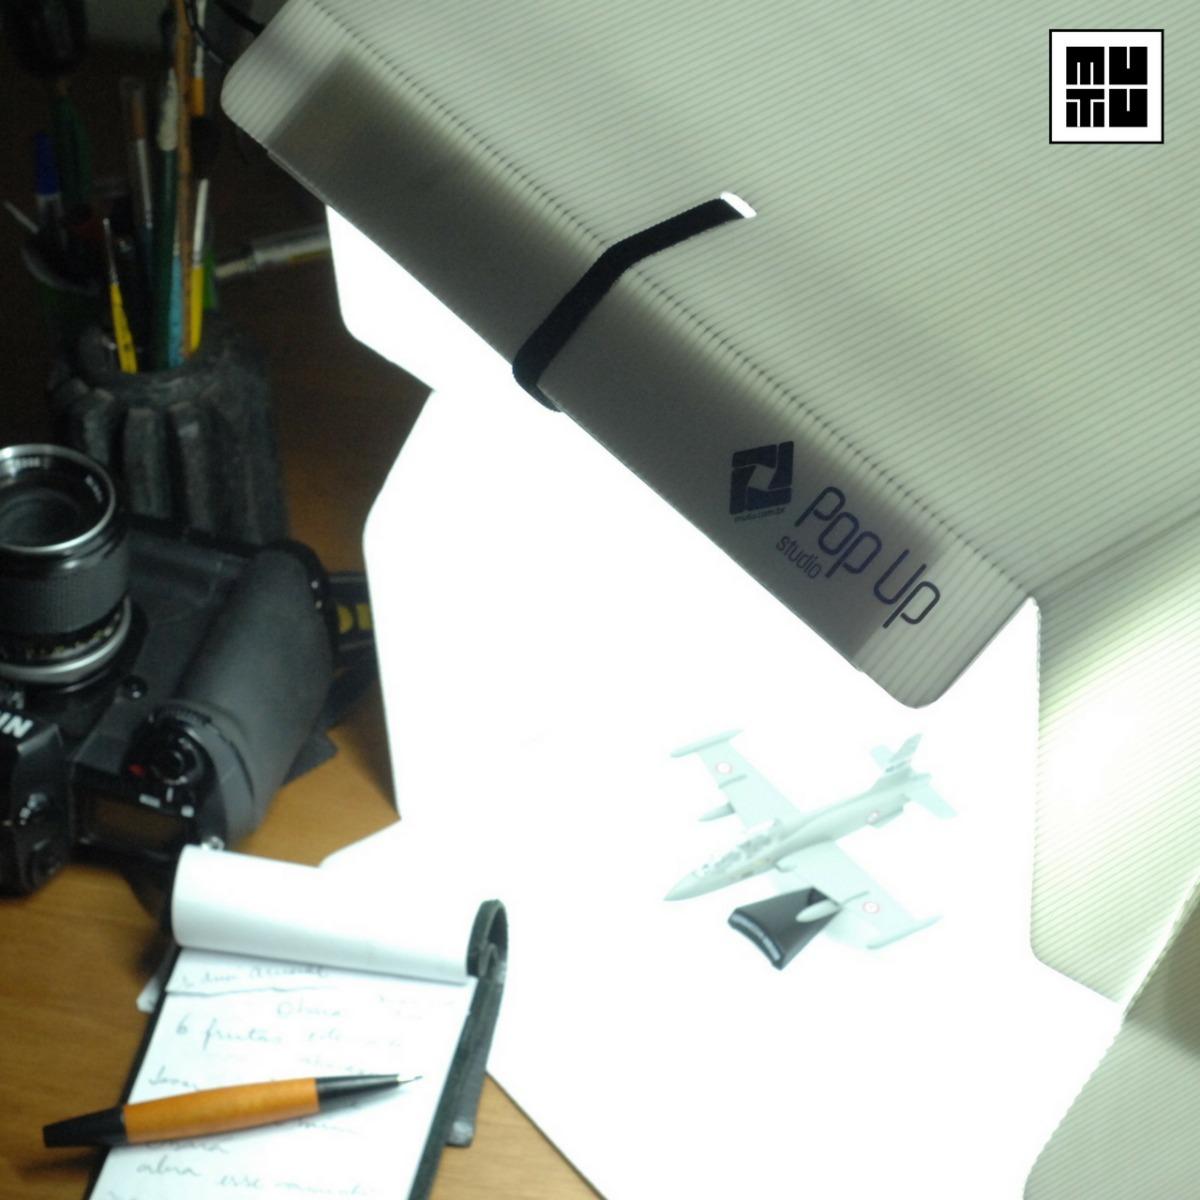 8dda1047aa9 Estúdio Fotográfico Portátil Com Iluminação Led 5600 Lumens - R  219 ...